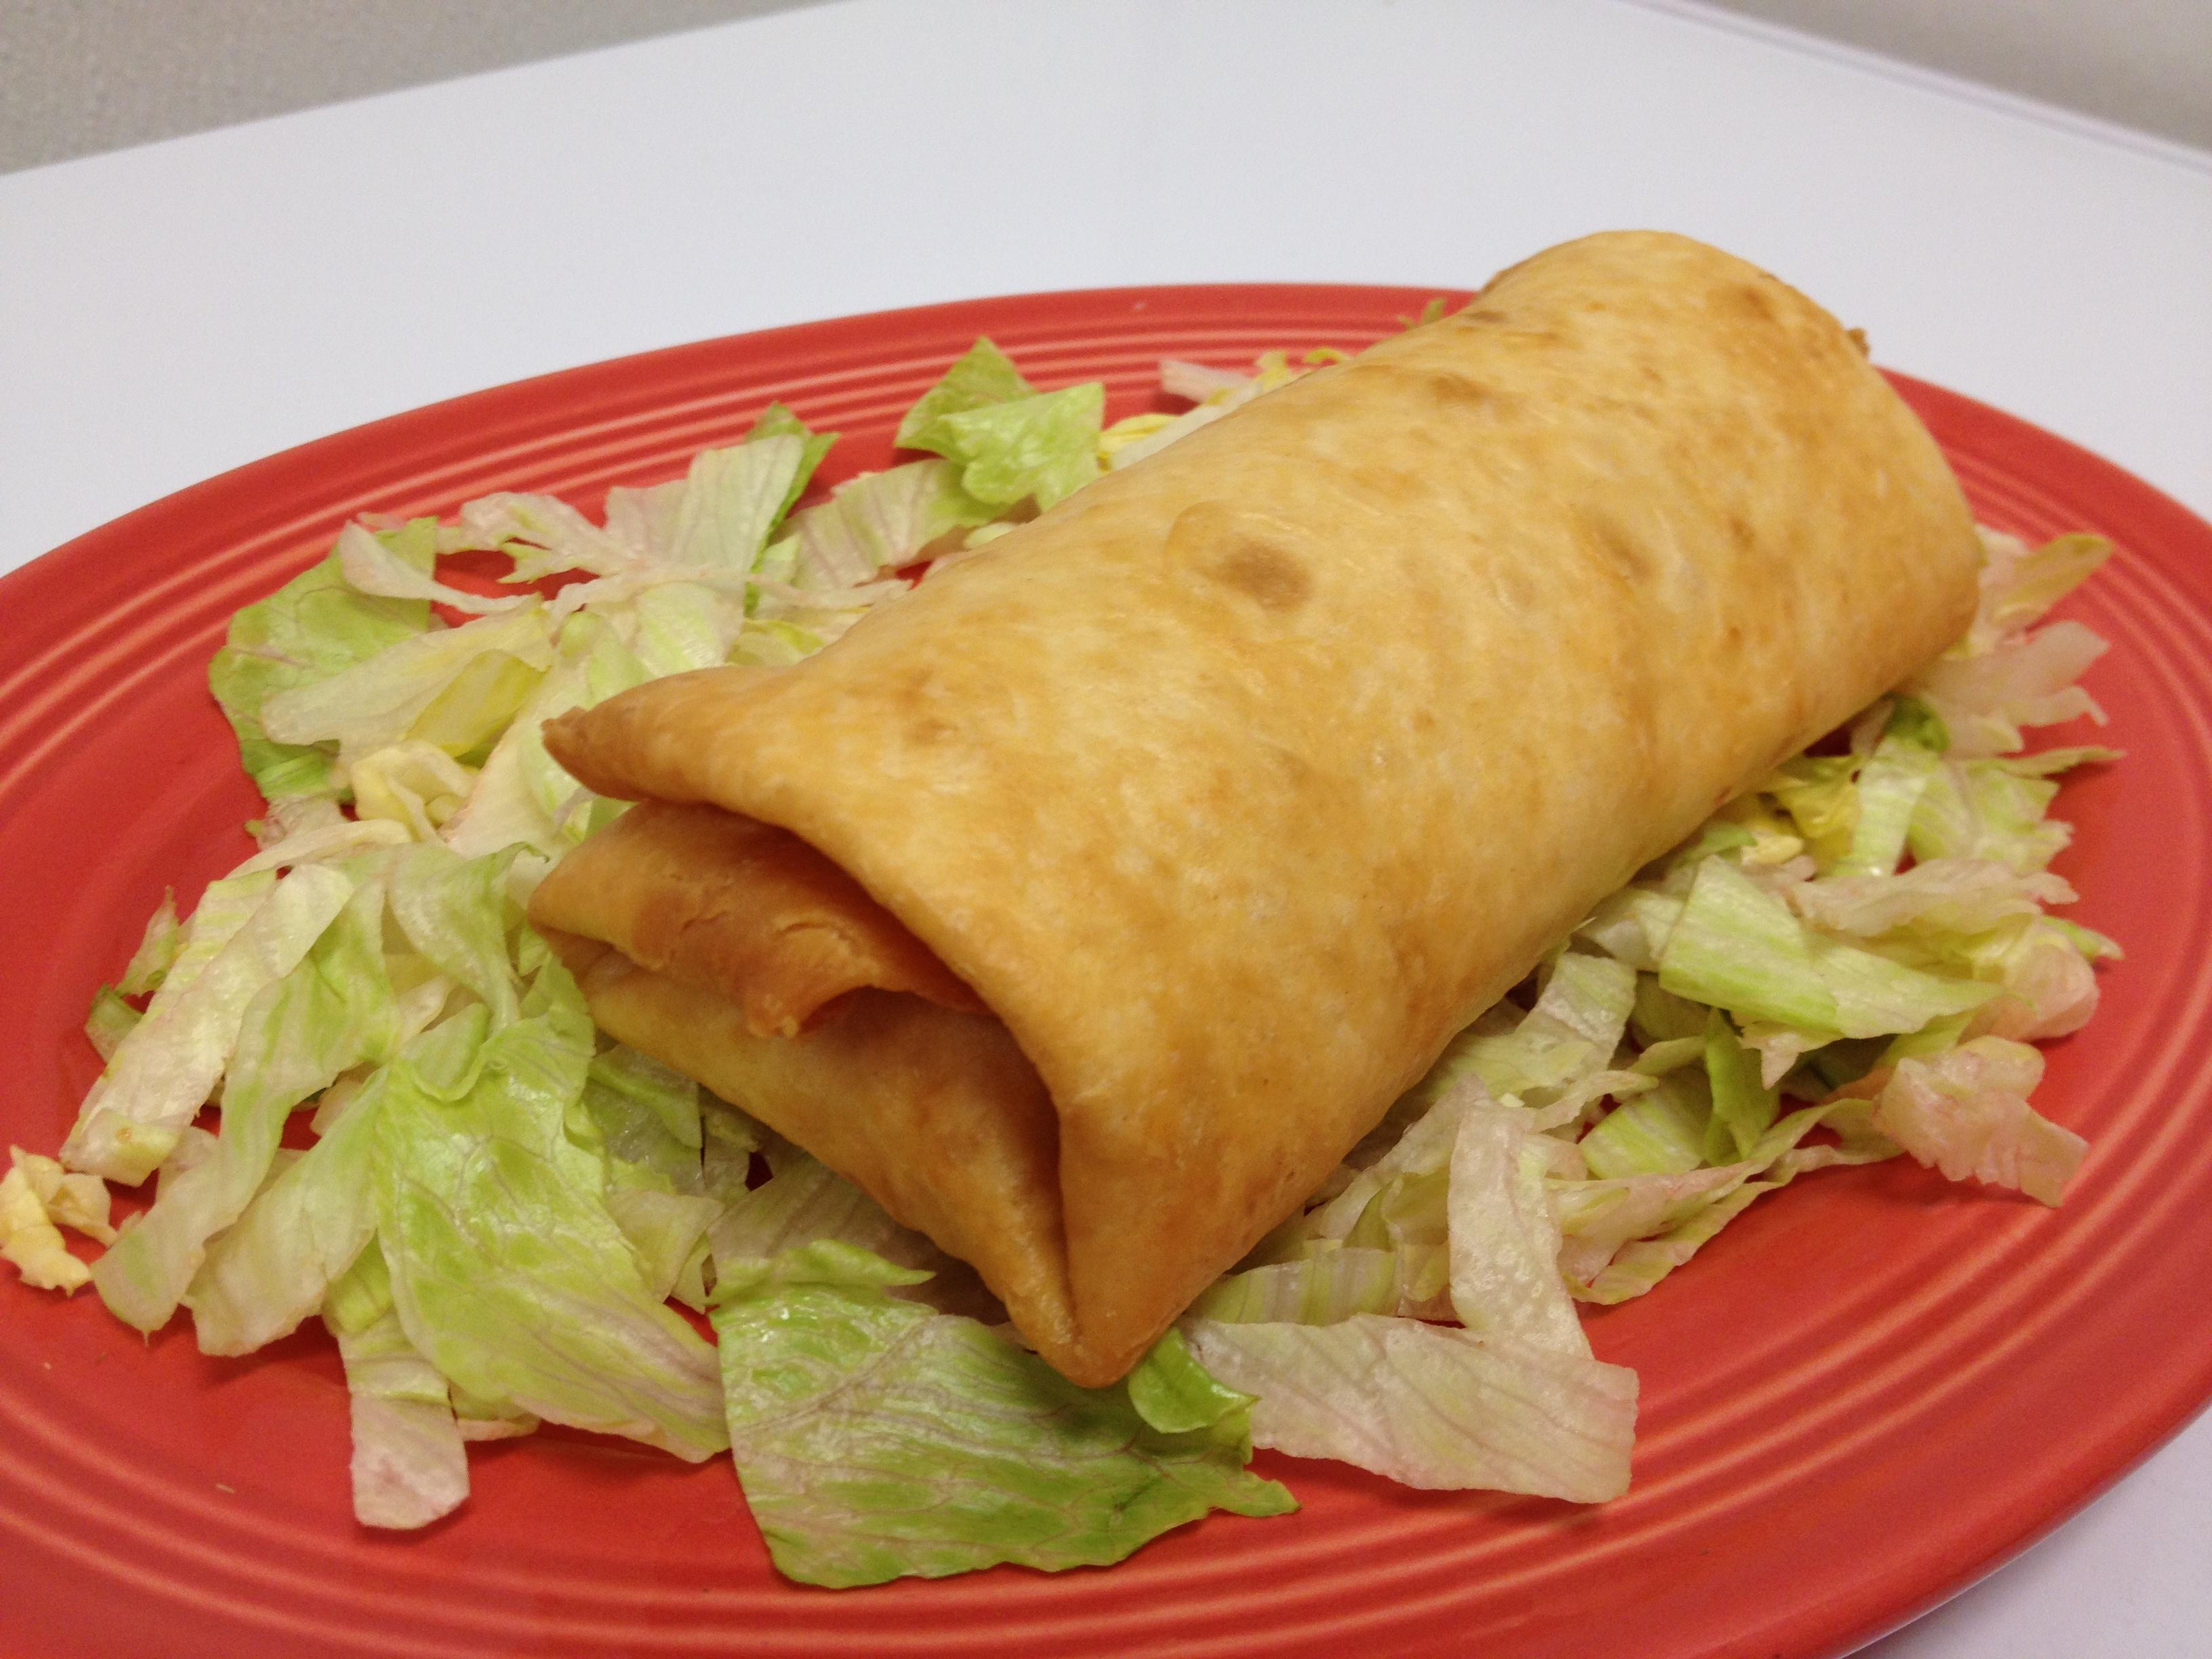 Veggie Burrito Image